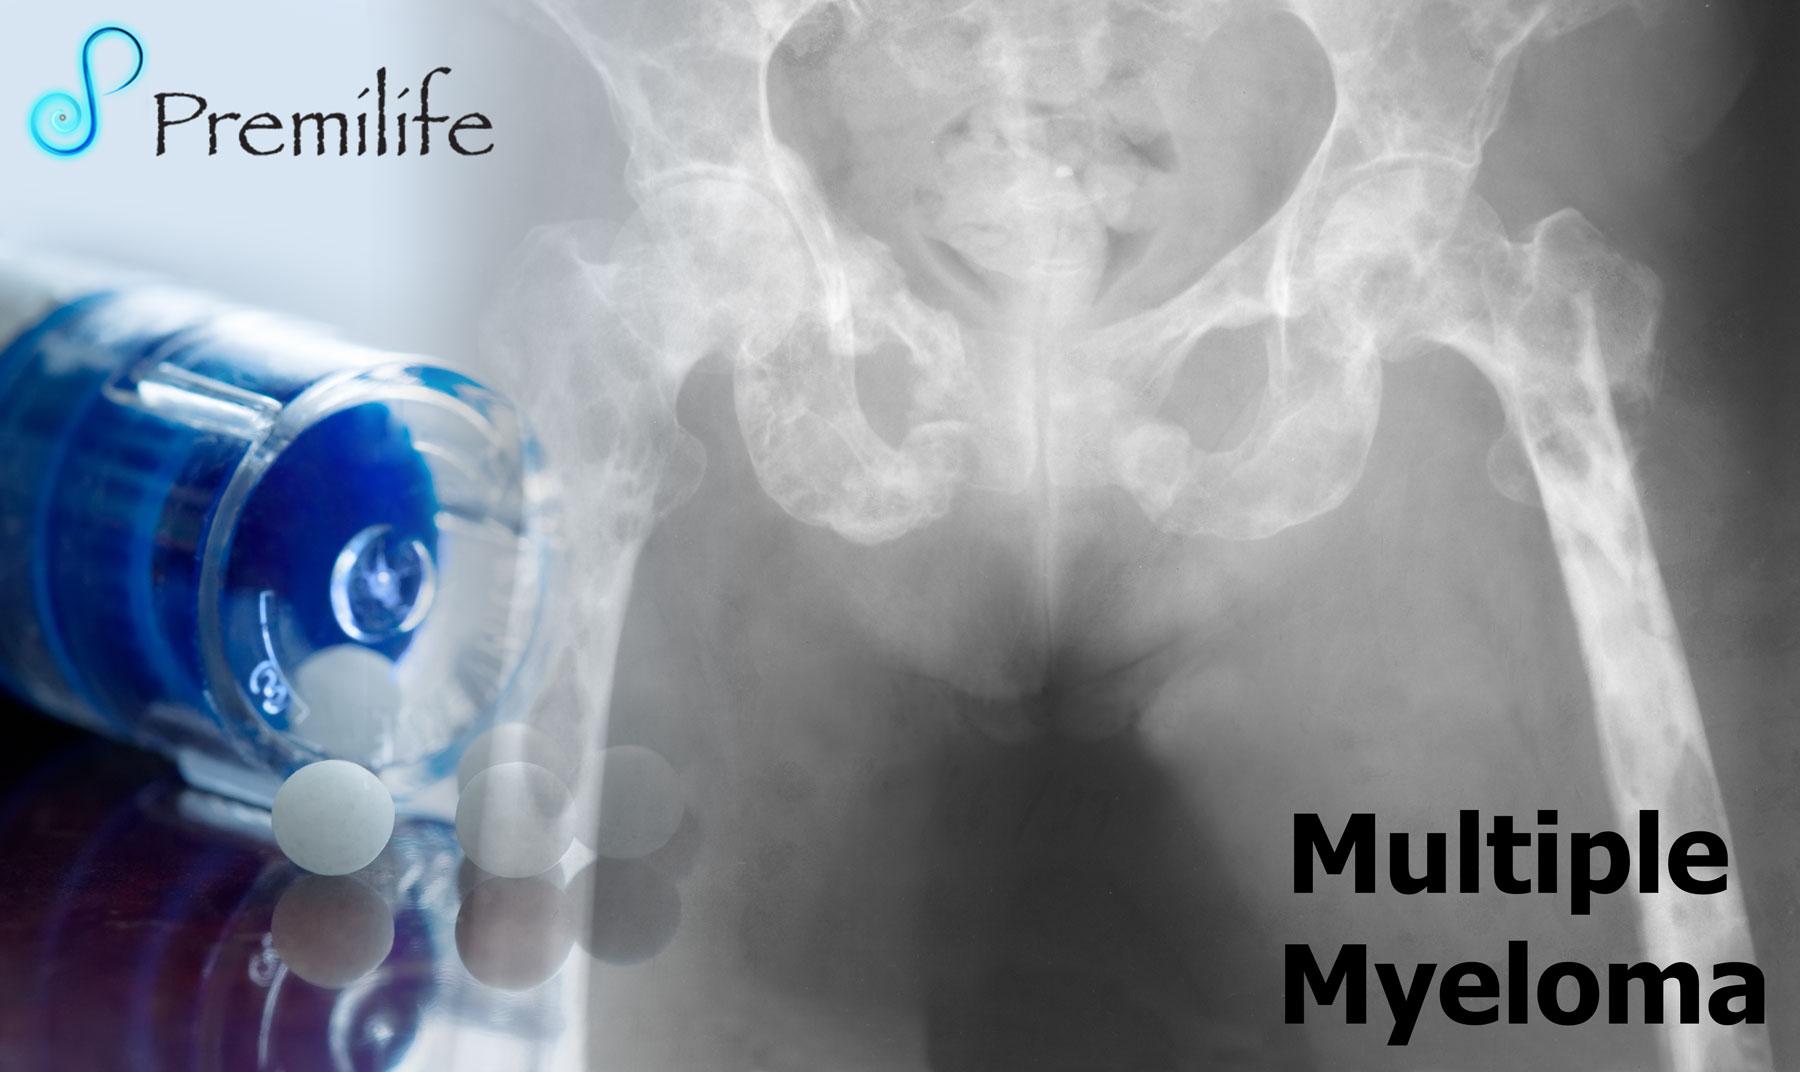 Multiple Myeloma - Premilife - Homeopathic Remedies Multiple Myeloma Cancer